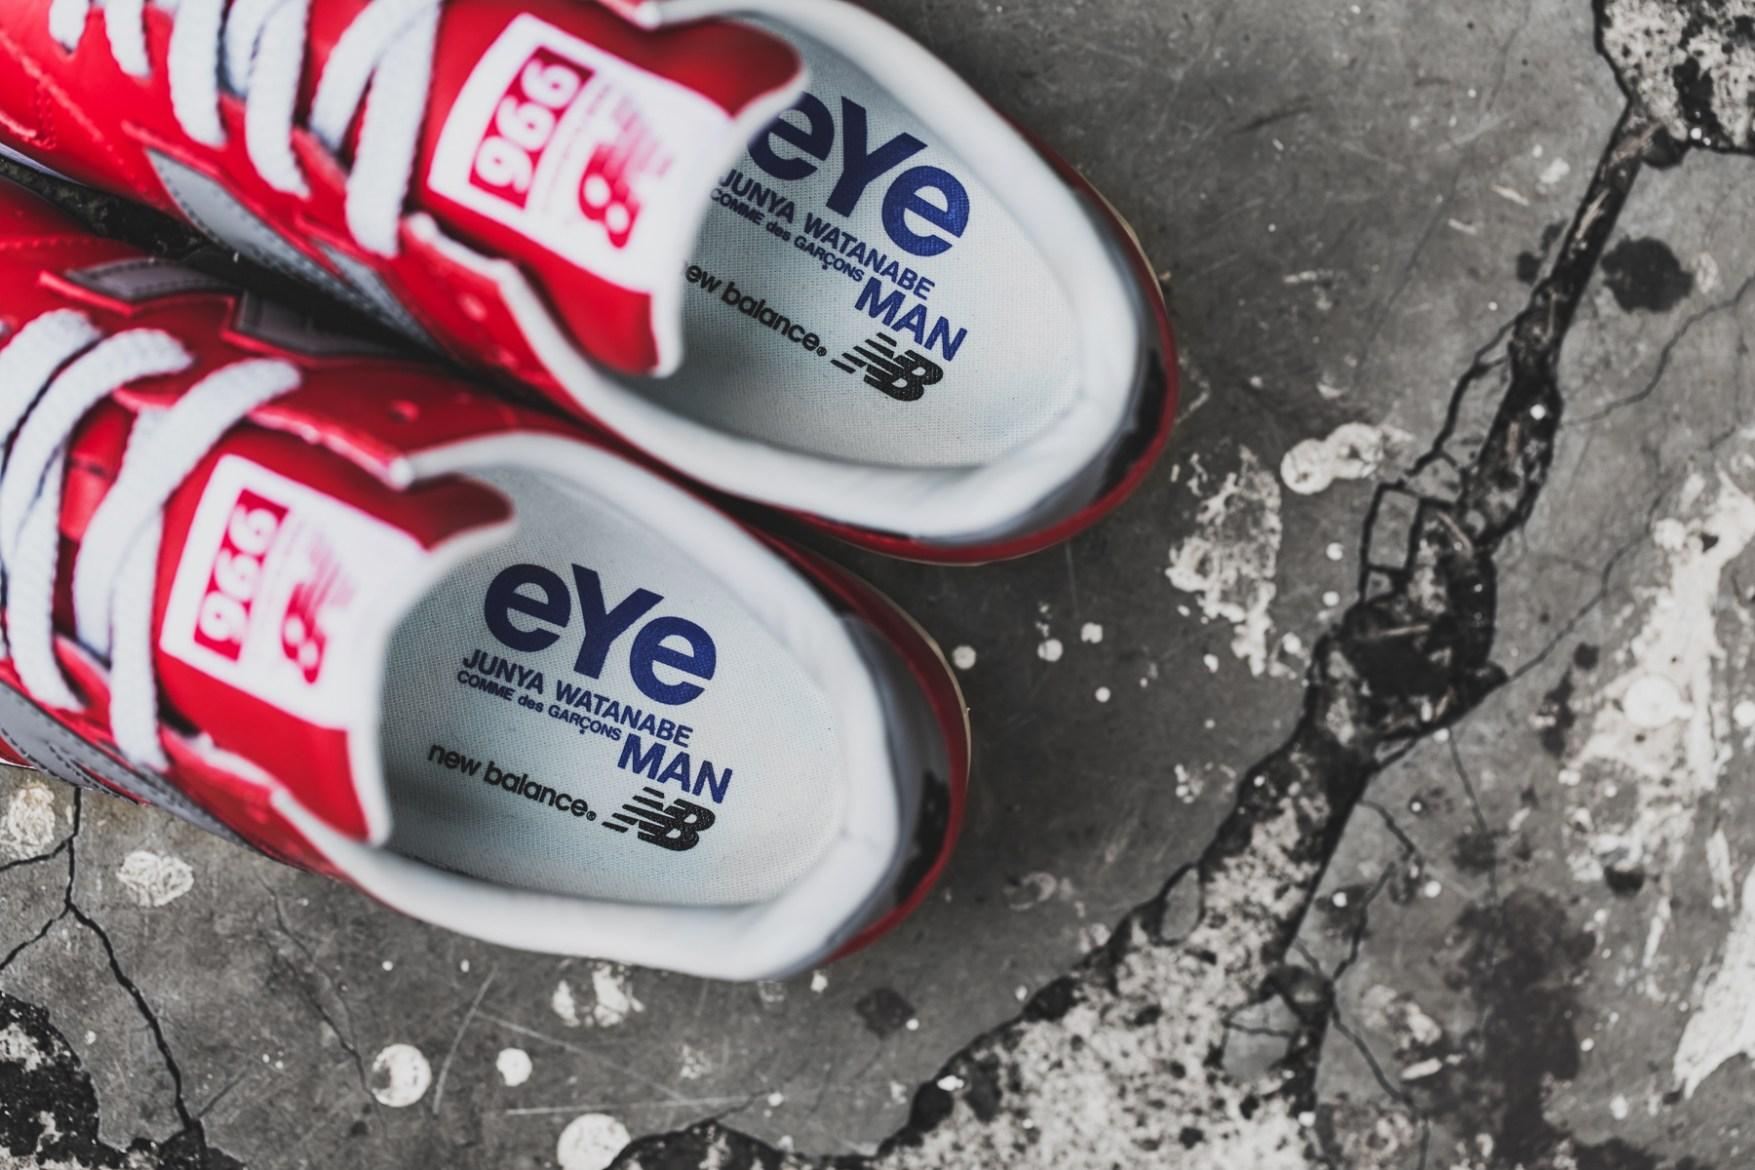 A Closer Look at the eYe COMME des GARÇONS Junya Watanabe Man x New Balance MRL996